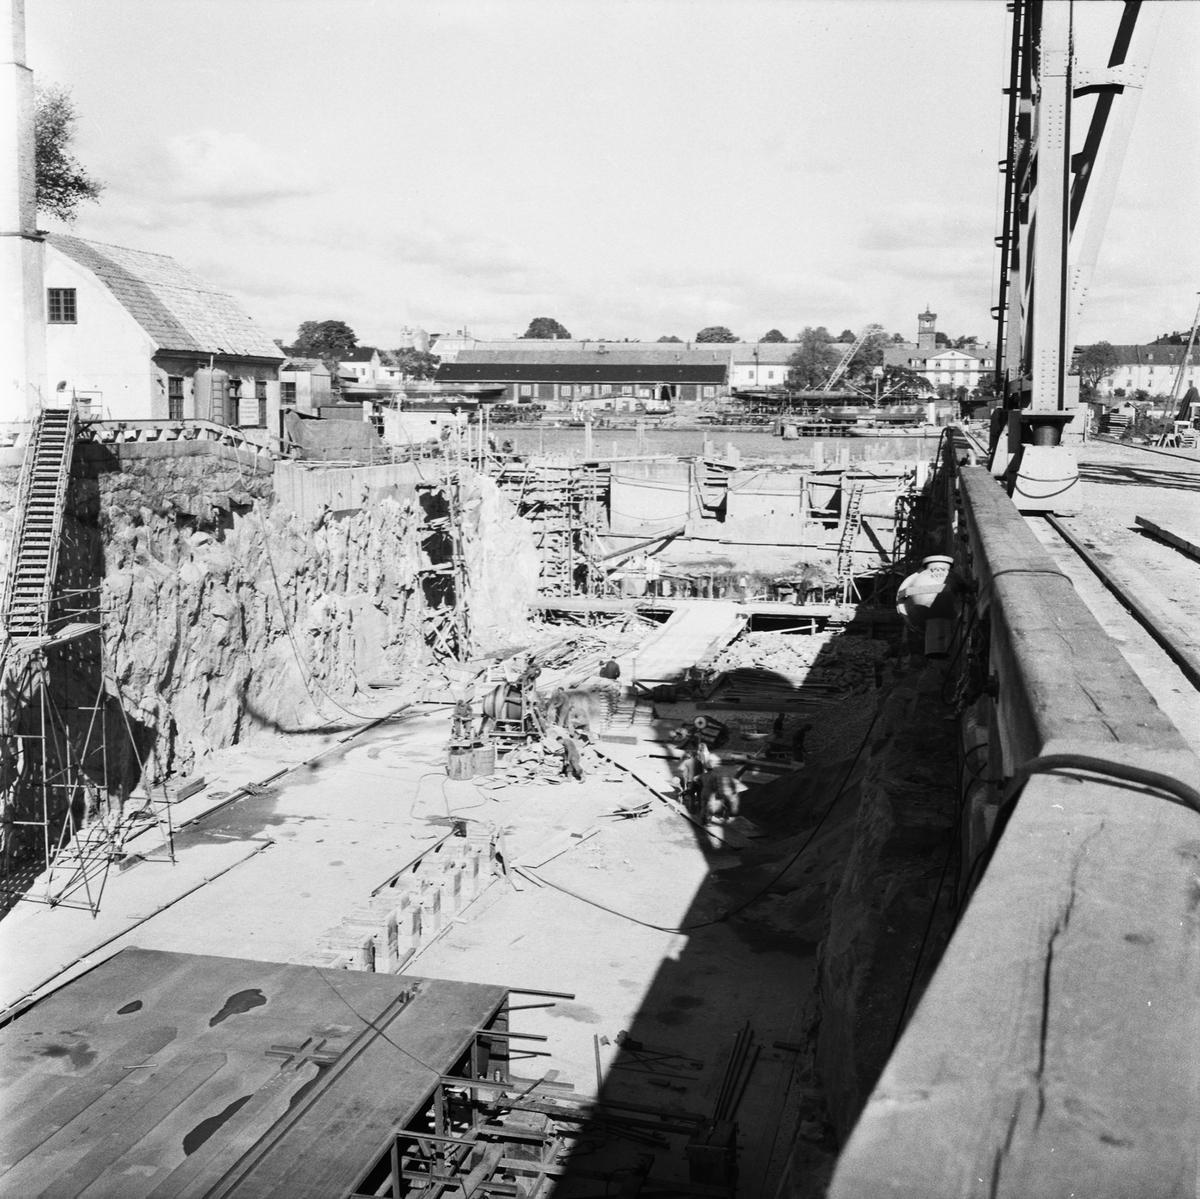 Övrigt: Fotodatum:28/9 1959 Byggnader och Kranar. Polhemsdockan ombyggn. arbete gjutning